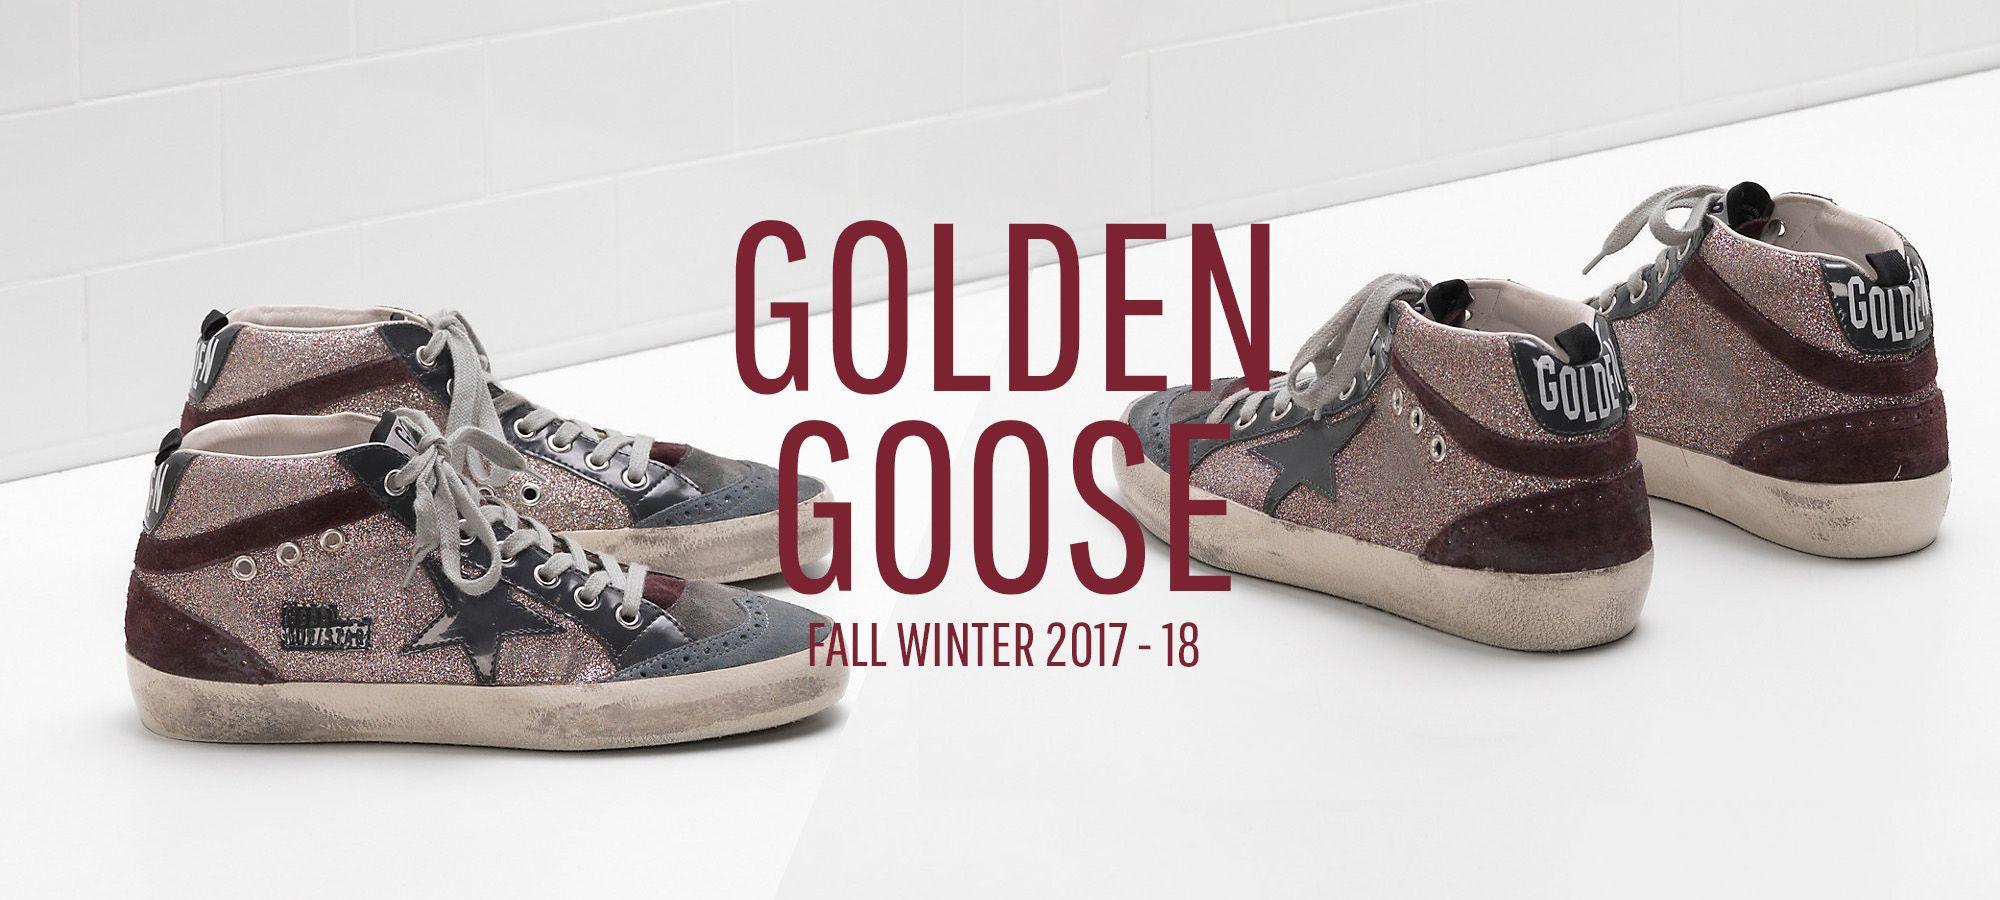 Golden Goose Women - Fall Winter 2017